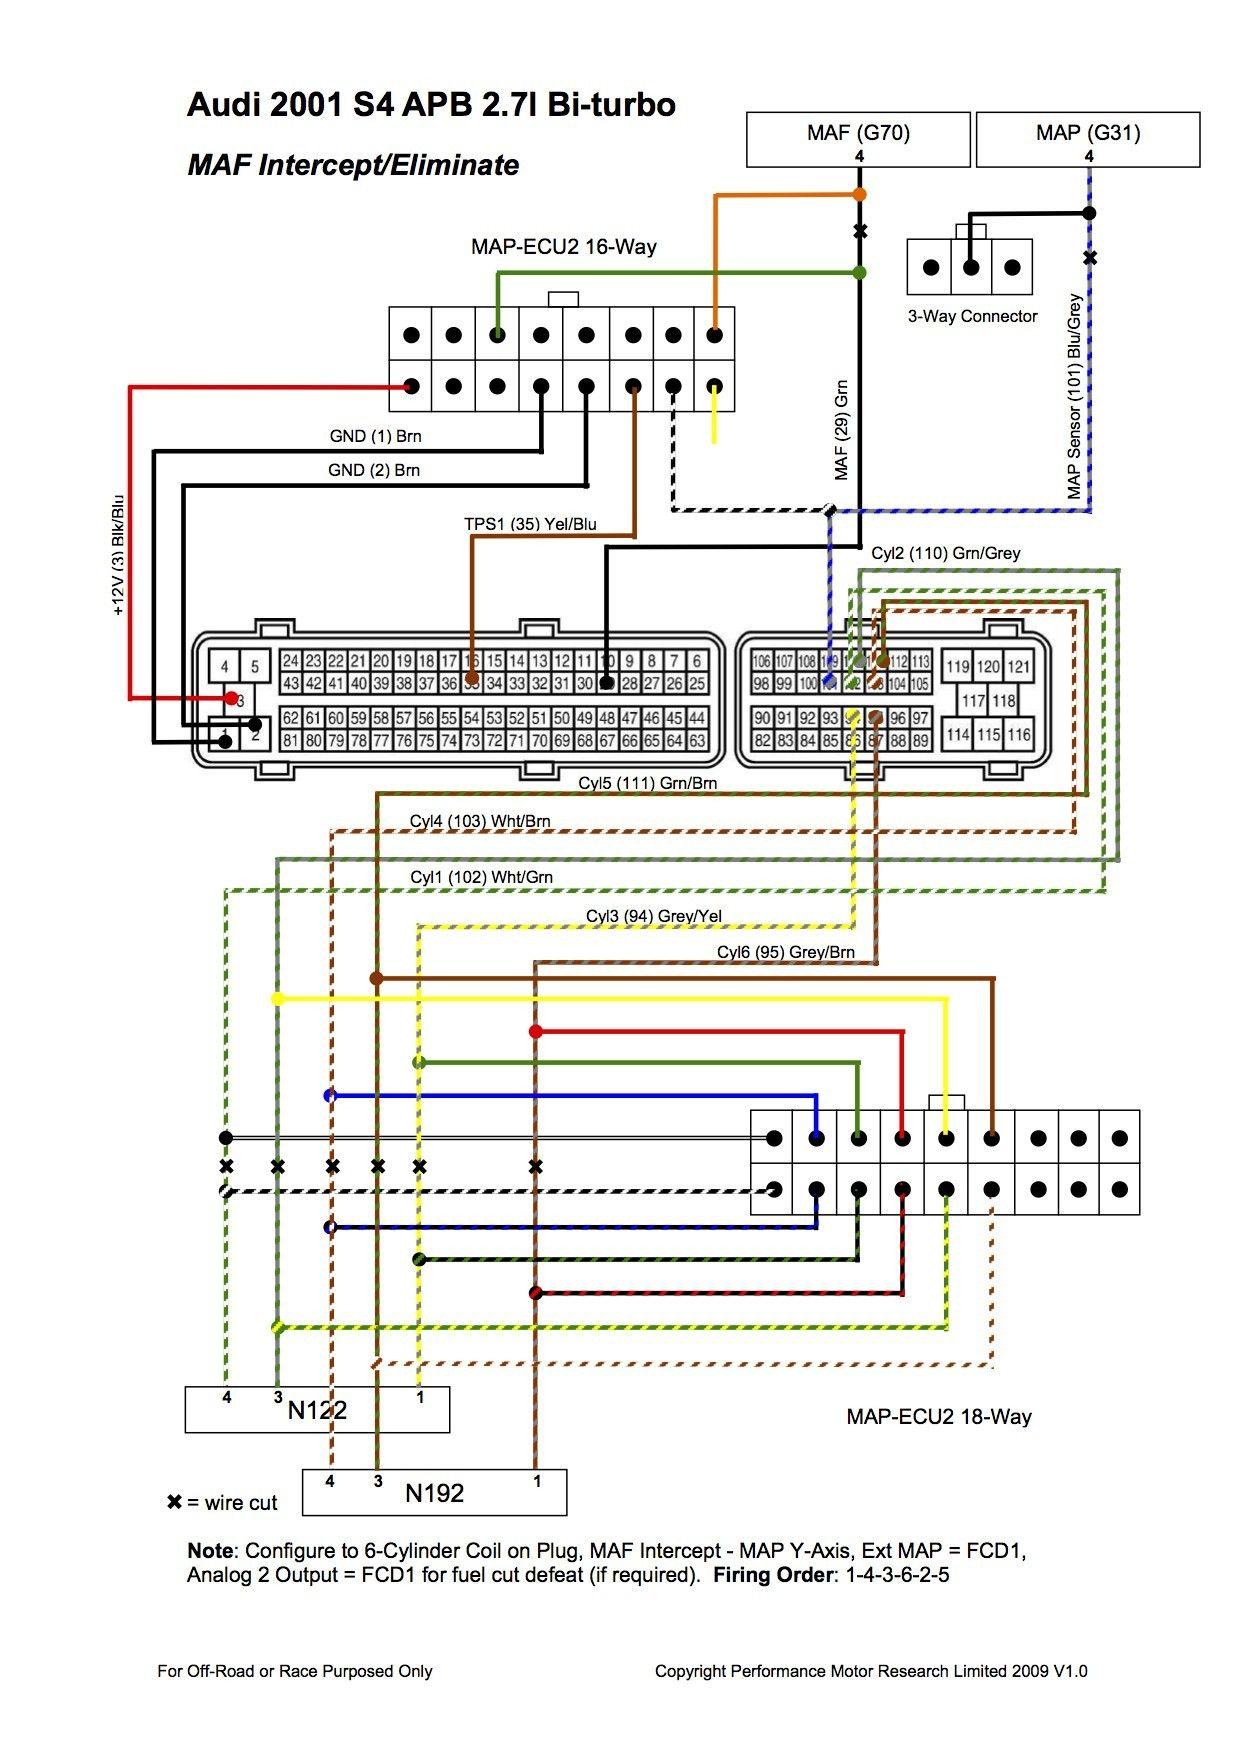 Diagram Diagramsample Diagramtemplate Wiringdiagram Diagramchart Worksheet Worksheettemplate Ch Trailer Wiring Diagram Electrical Wiring Diagram Diagram